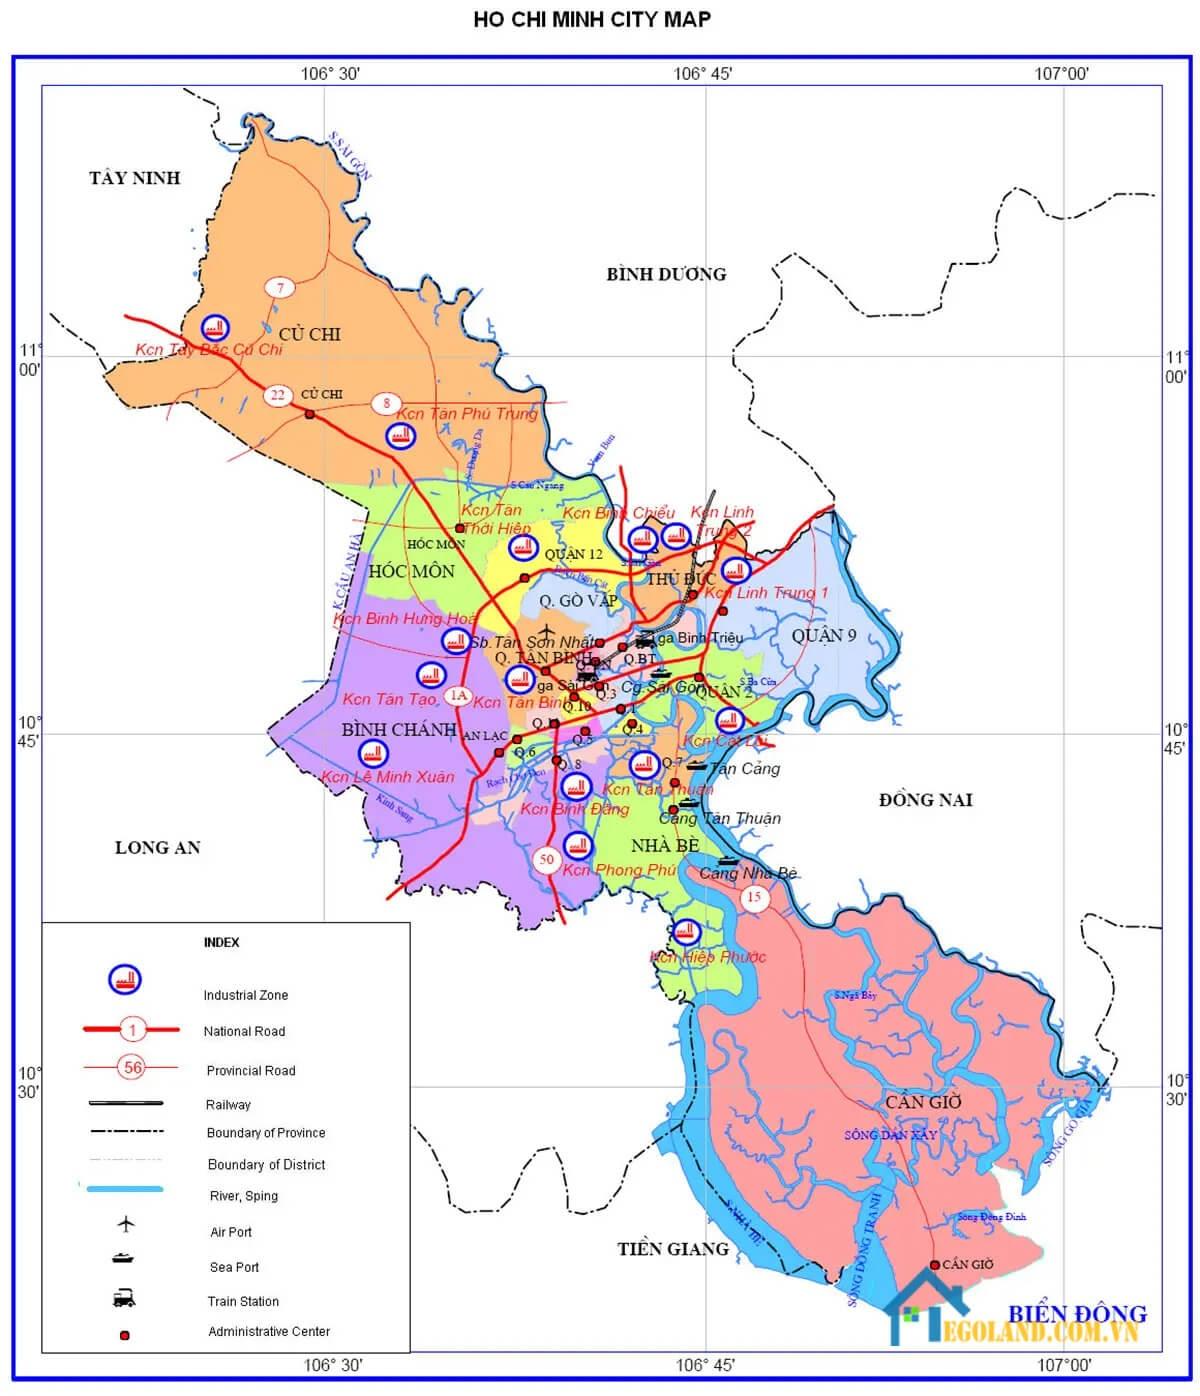 Bản đồ Hồ Chí Minh về giao thông